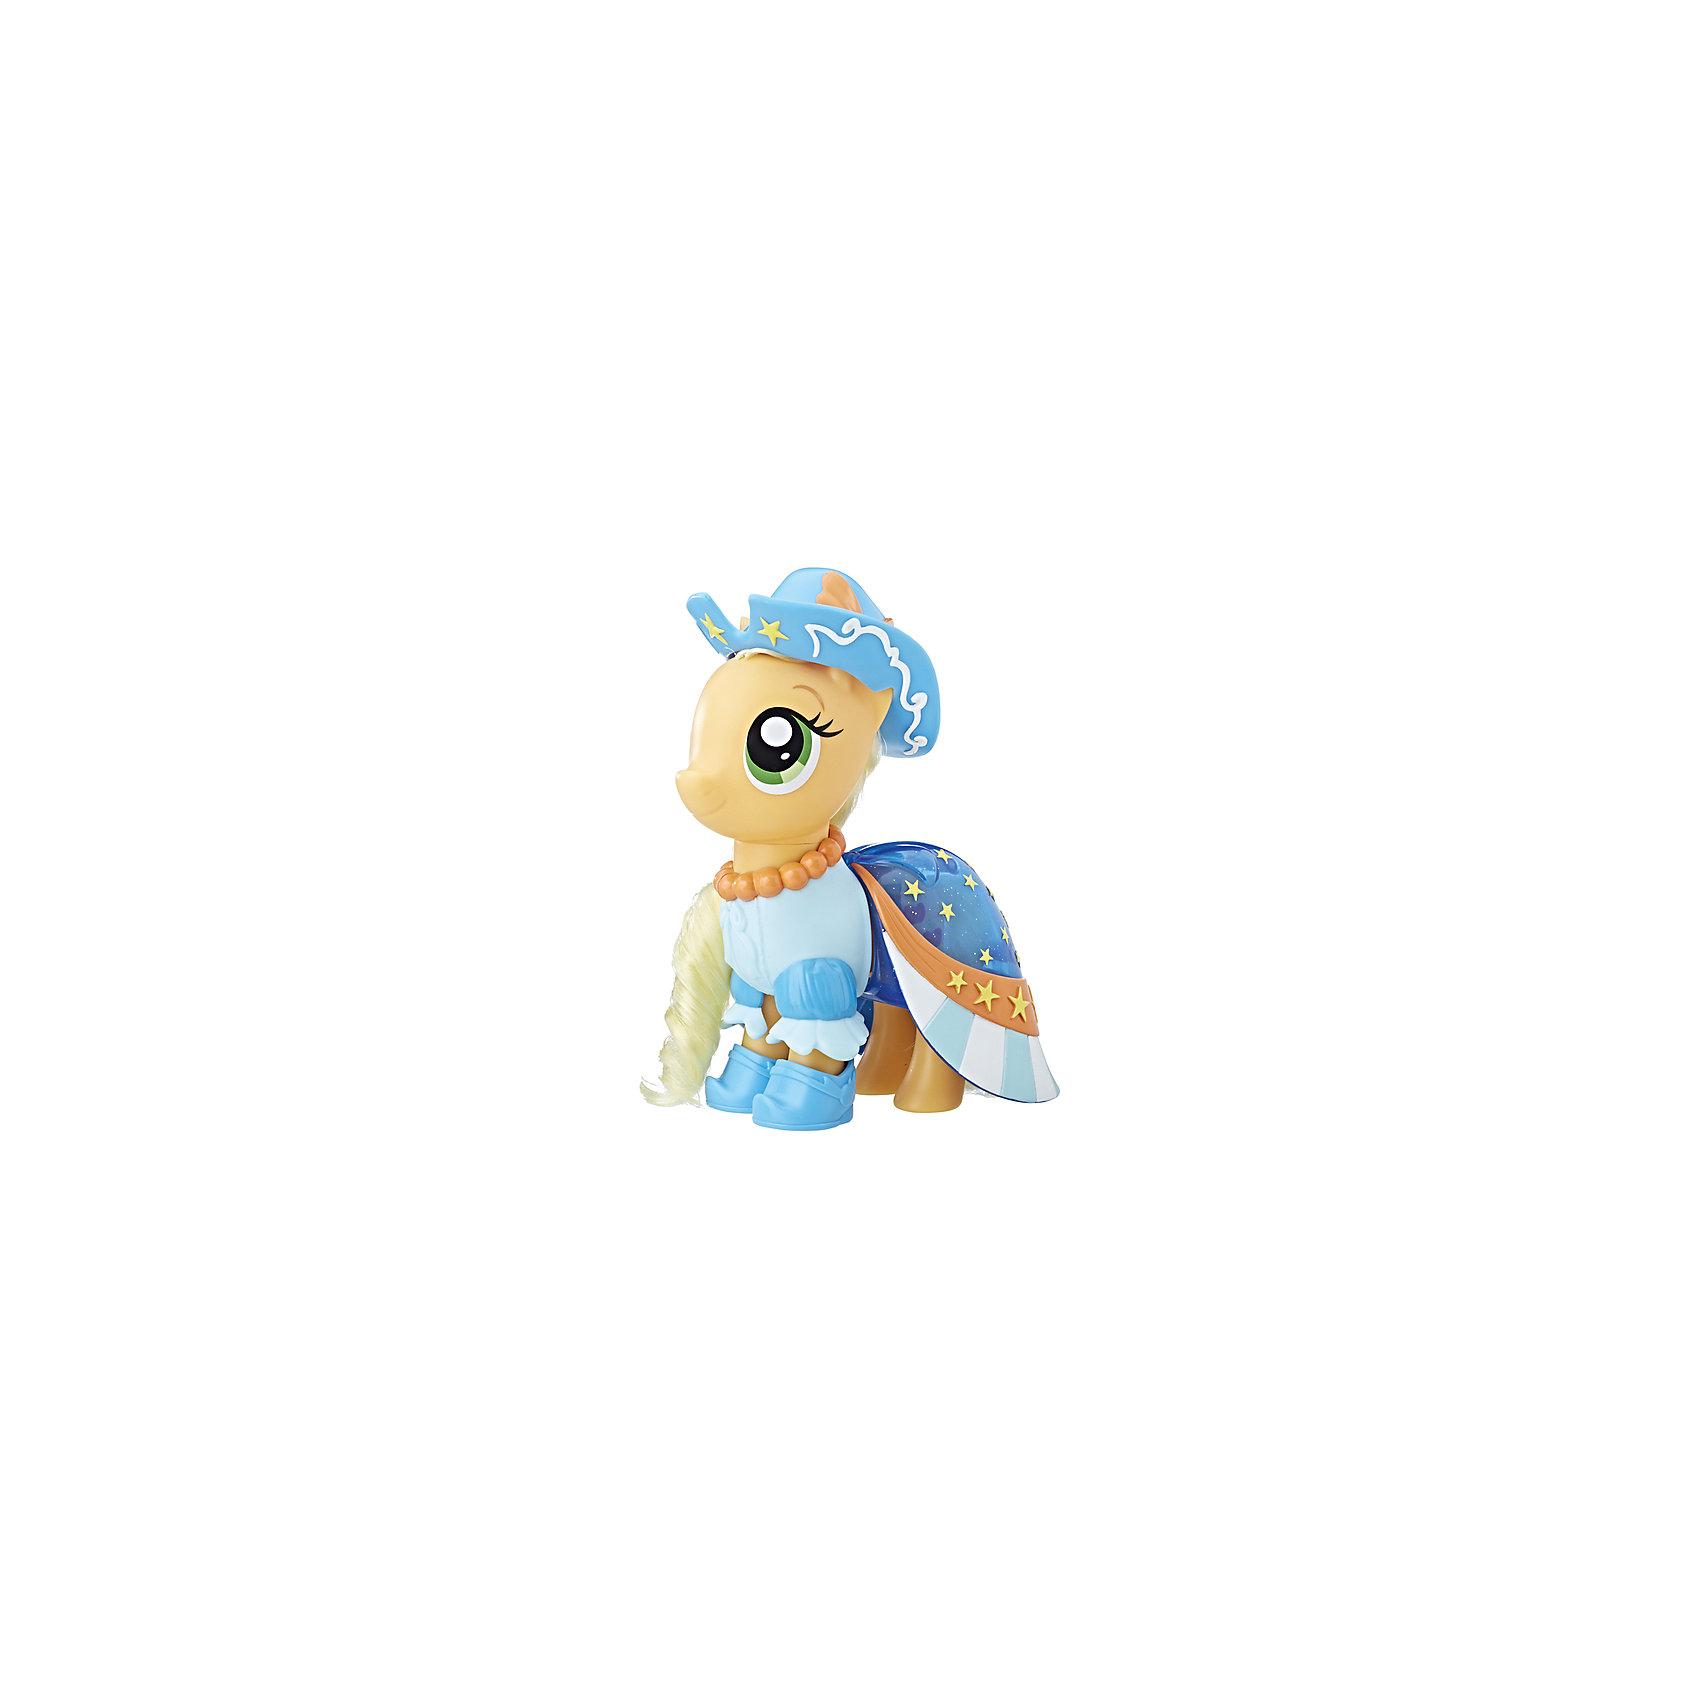 Игровой набор Hasbro My Little Pony Сияние. Пони-модницы, ЭпплджекФигурки из мультфильмов<br>Характеристики:<br><br>• в наборе MLP представлен персонаж из серии «Сияние»;<br>• пони-модница одета в яркий наряд, имеется головной убор;<br>• фигурки могут принять участие в различных сюжетно-ролевых играх, в процессе которых развивается фантазия, расширяется словарный запас, девочки учатся взаимодействовать друг с другом;<br>• материал игрушки: пластик, полимер;<br>• в комплекте аксессуары.<br><br>MLP «Сияние» пони-модницы можно купить в нашем интернет-магазине.<br><br>Ширина мм: 9999<br>Глубина мм: 9999<br>Высота мм: 9999<br>Вес г: 9999<br>Возраст от месяцев: 36<br>Возраст до месяцев: 120<br>Пол: Женский<br>Возраст: Детский<br>SKU: 7097988